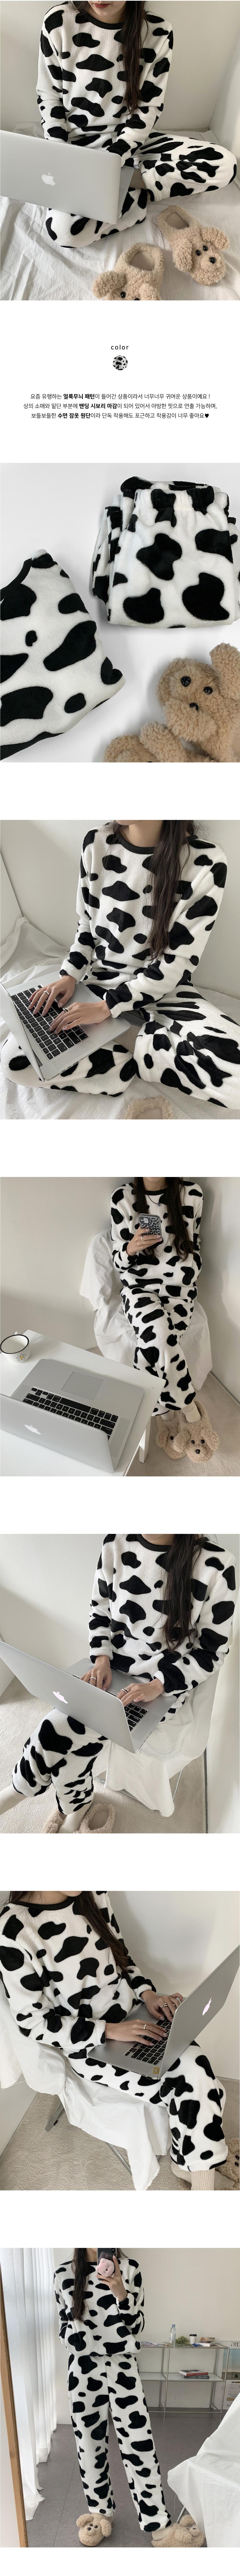 Mumu cow sleep pajamas pajamas